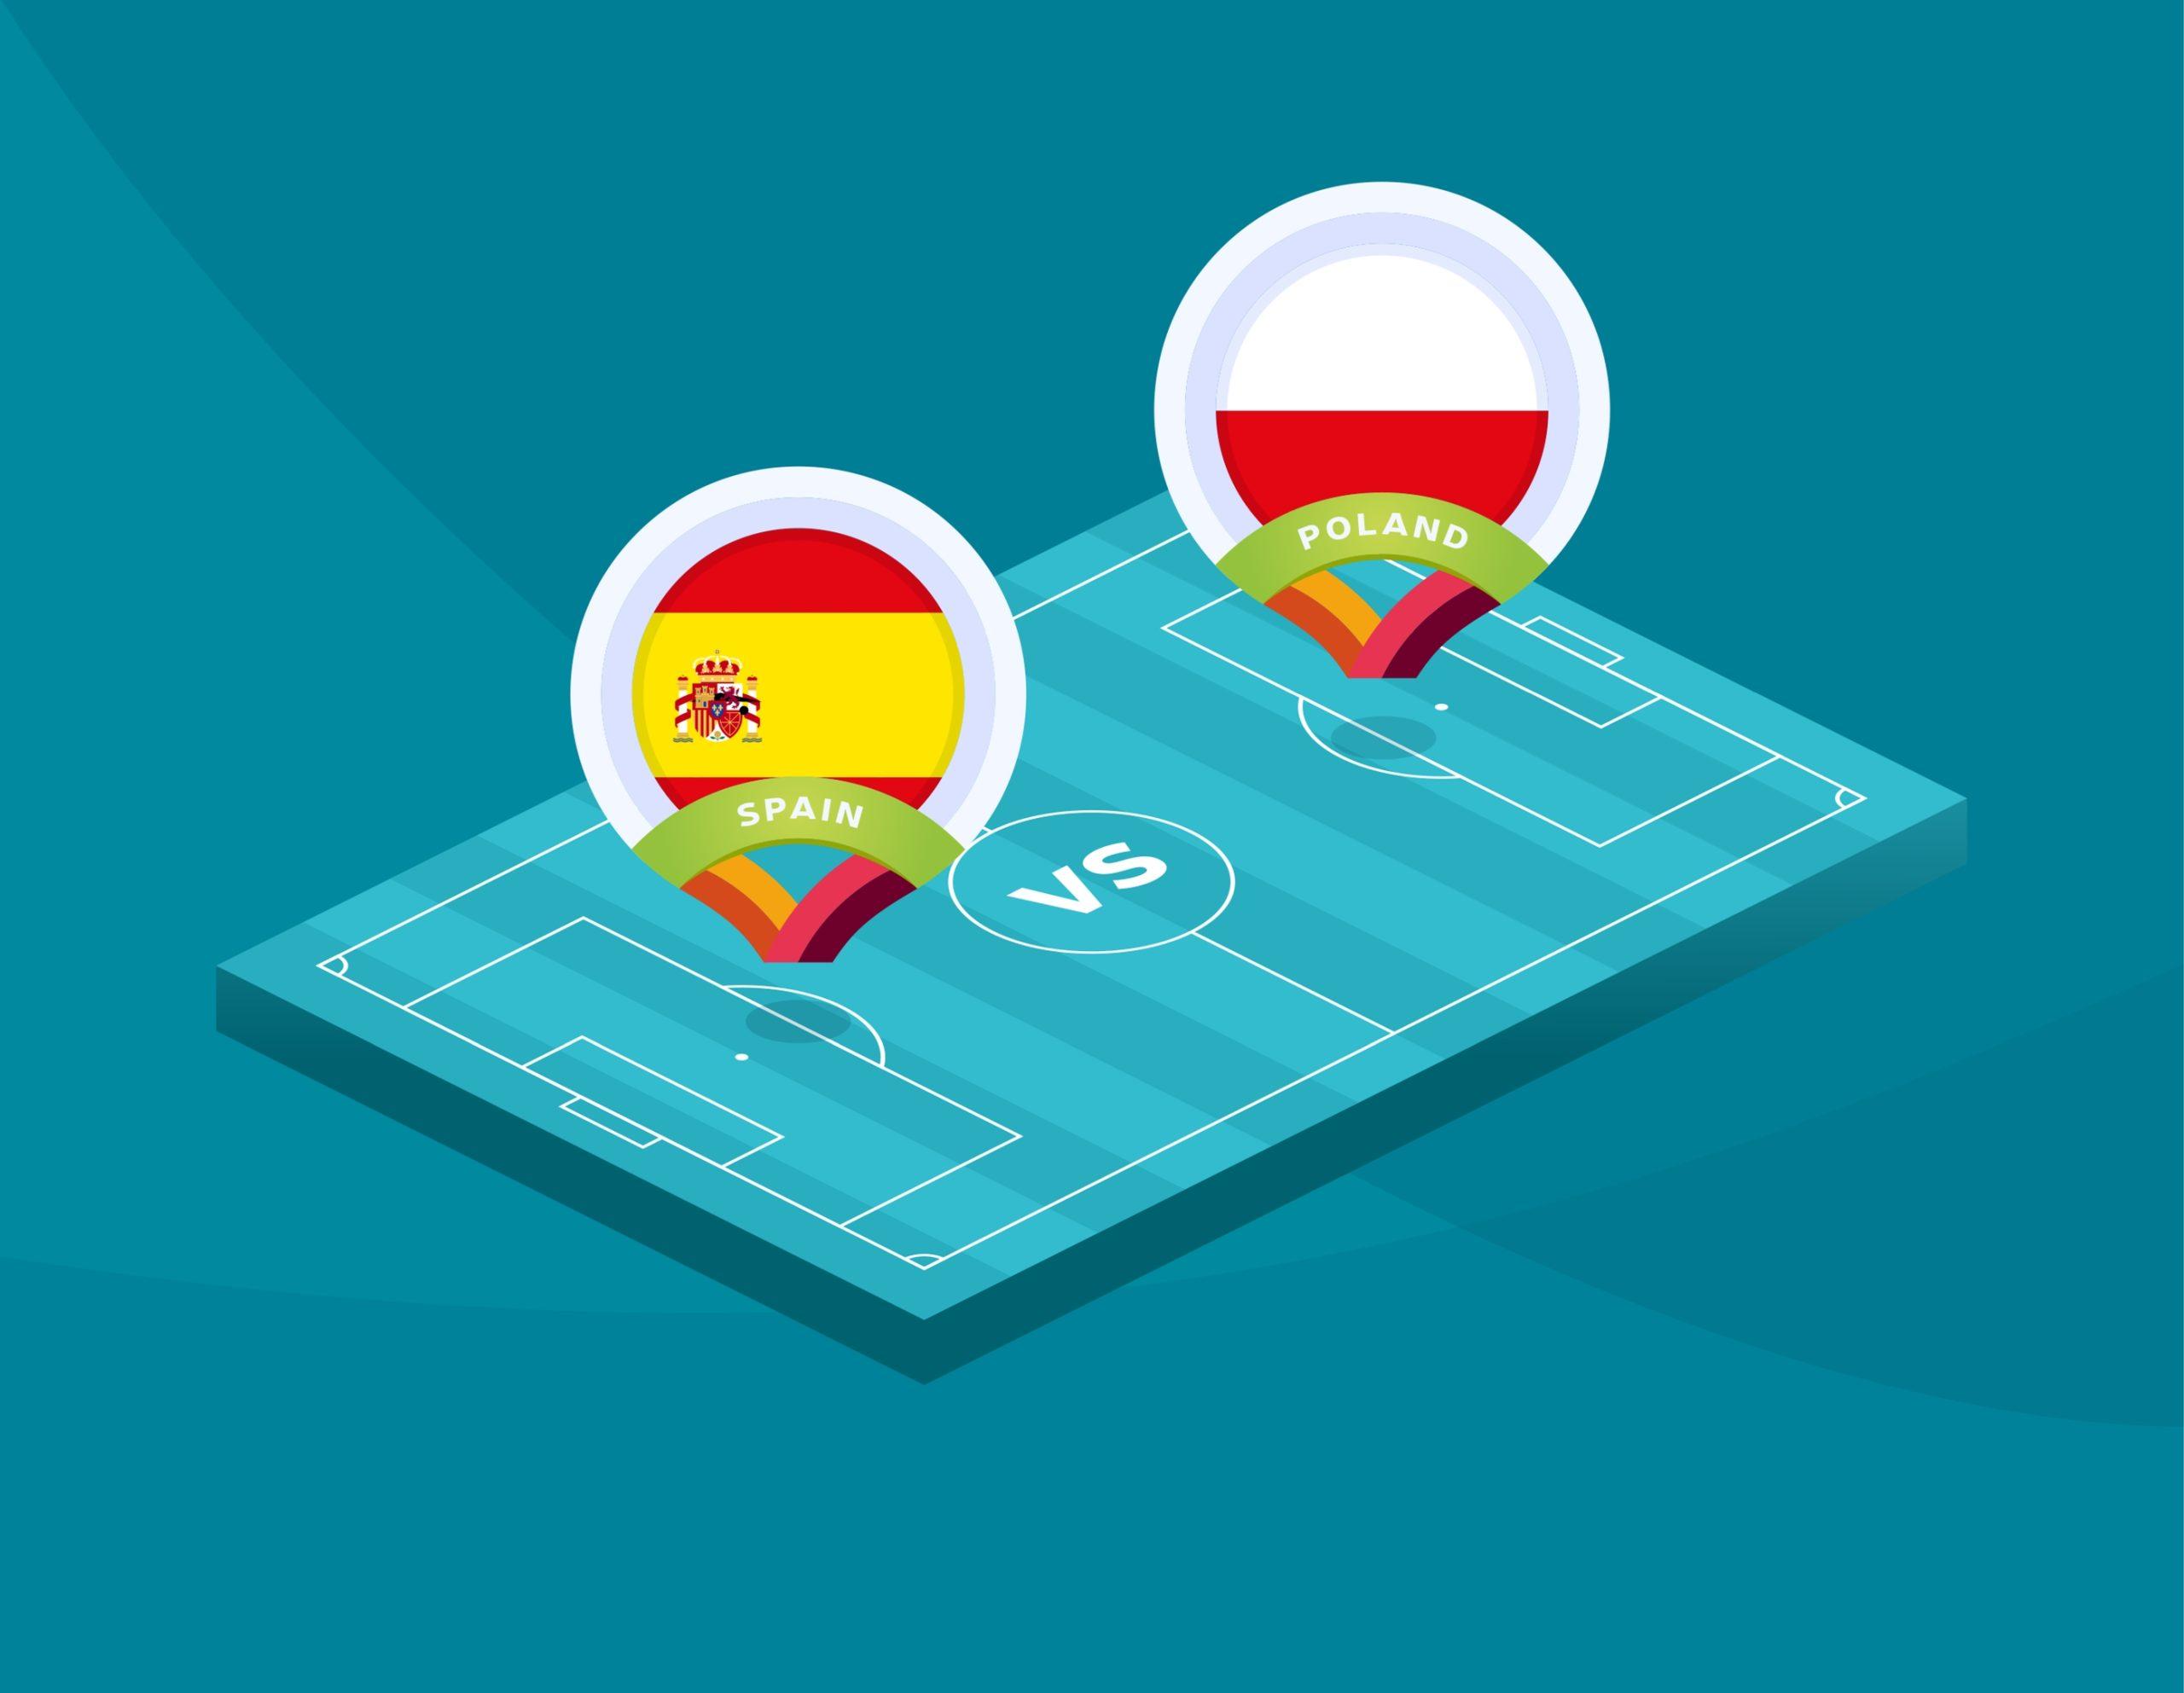 Spain Poland Euro 2020